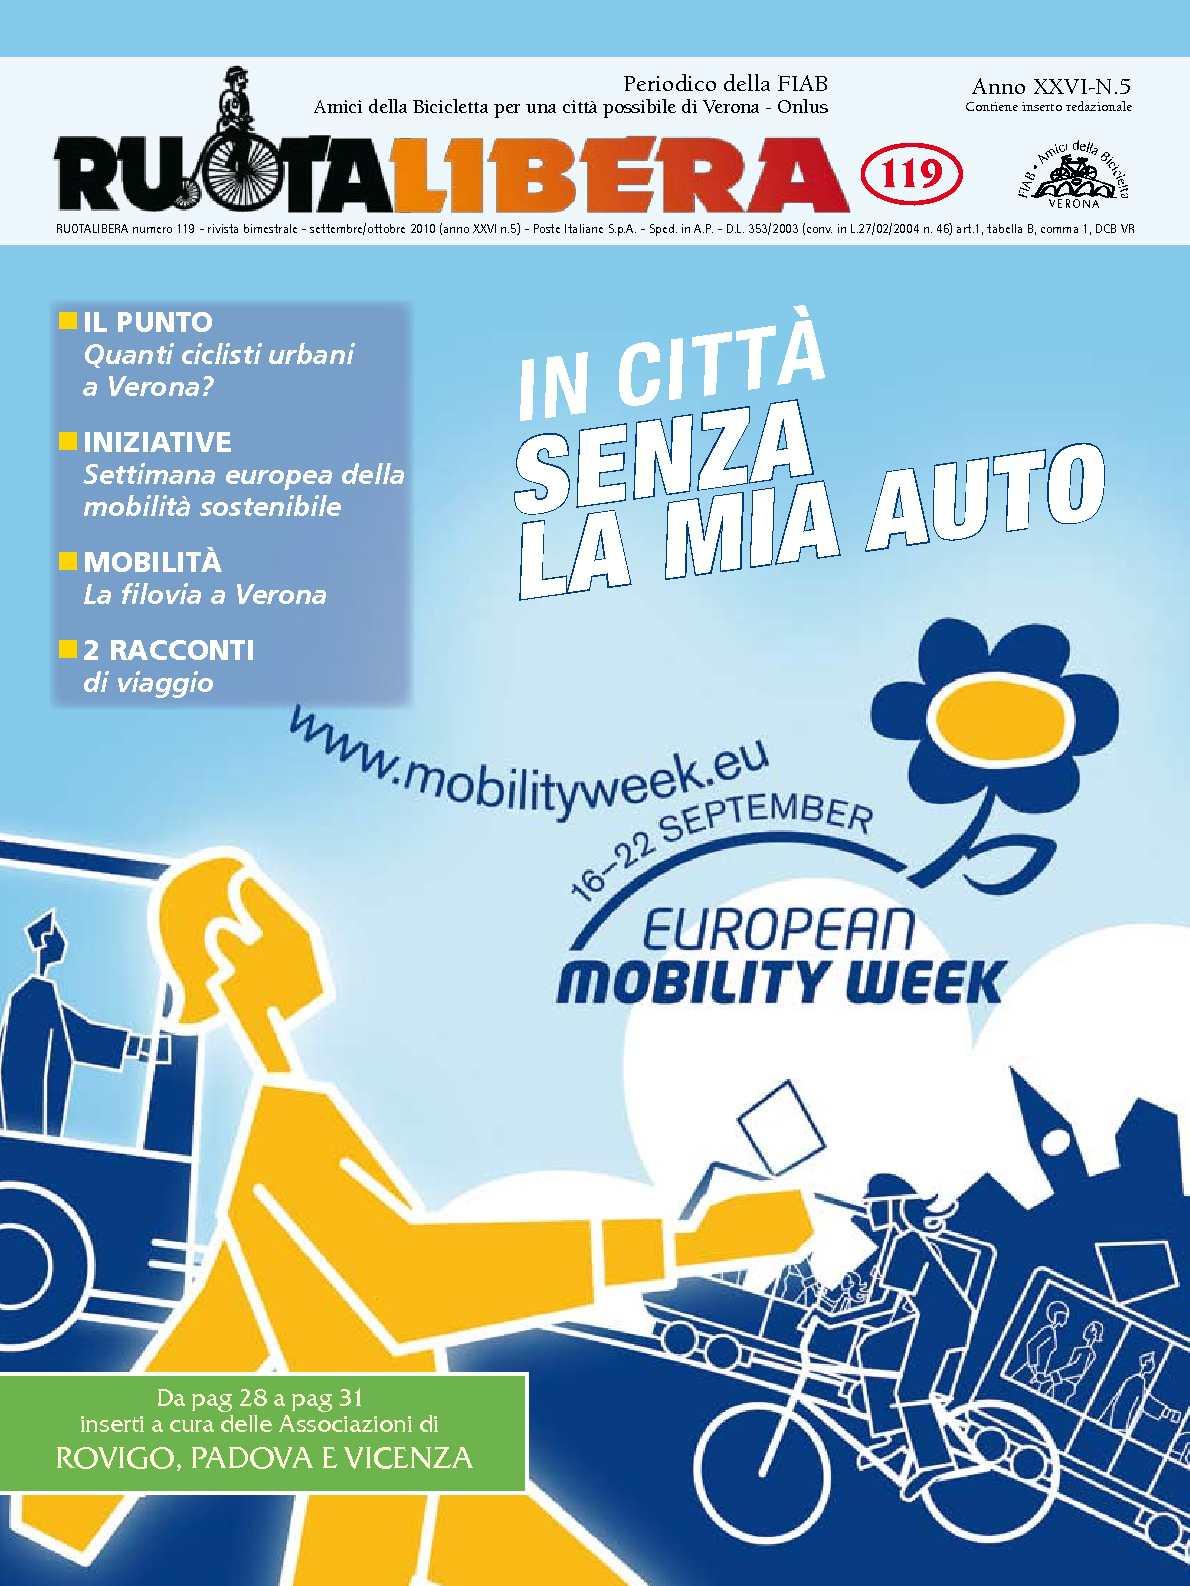 Ruotalibera 119 (settembre/ottobre 2010) - FIAB AdB Verona